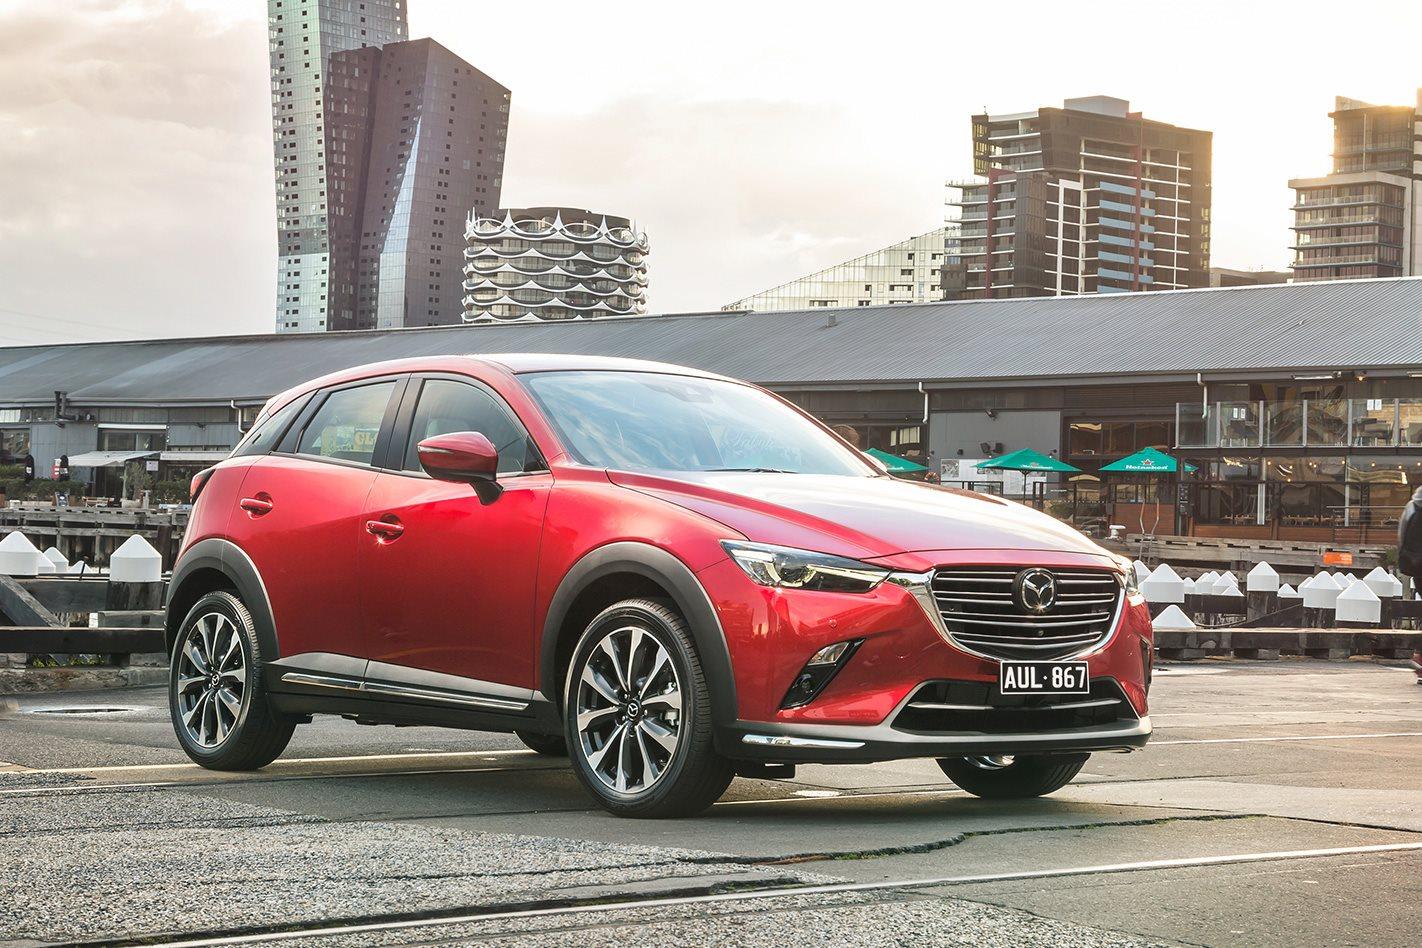 2019 Mazda CX-3 review